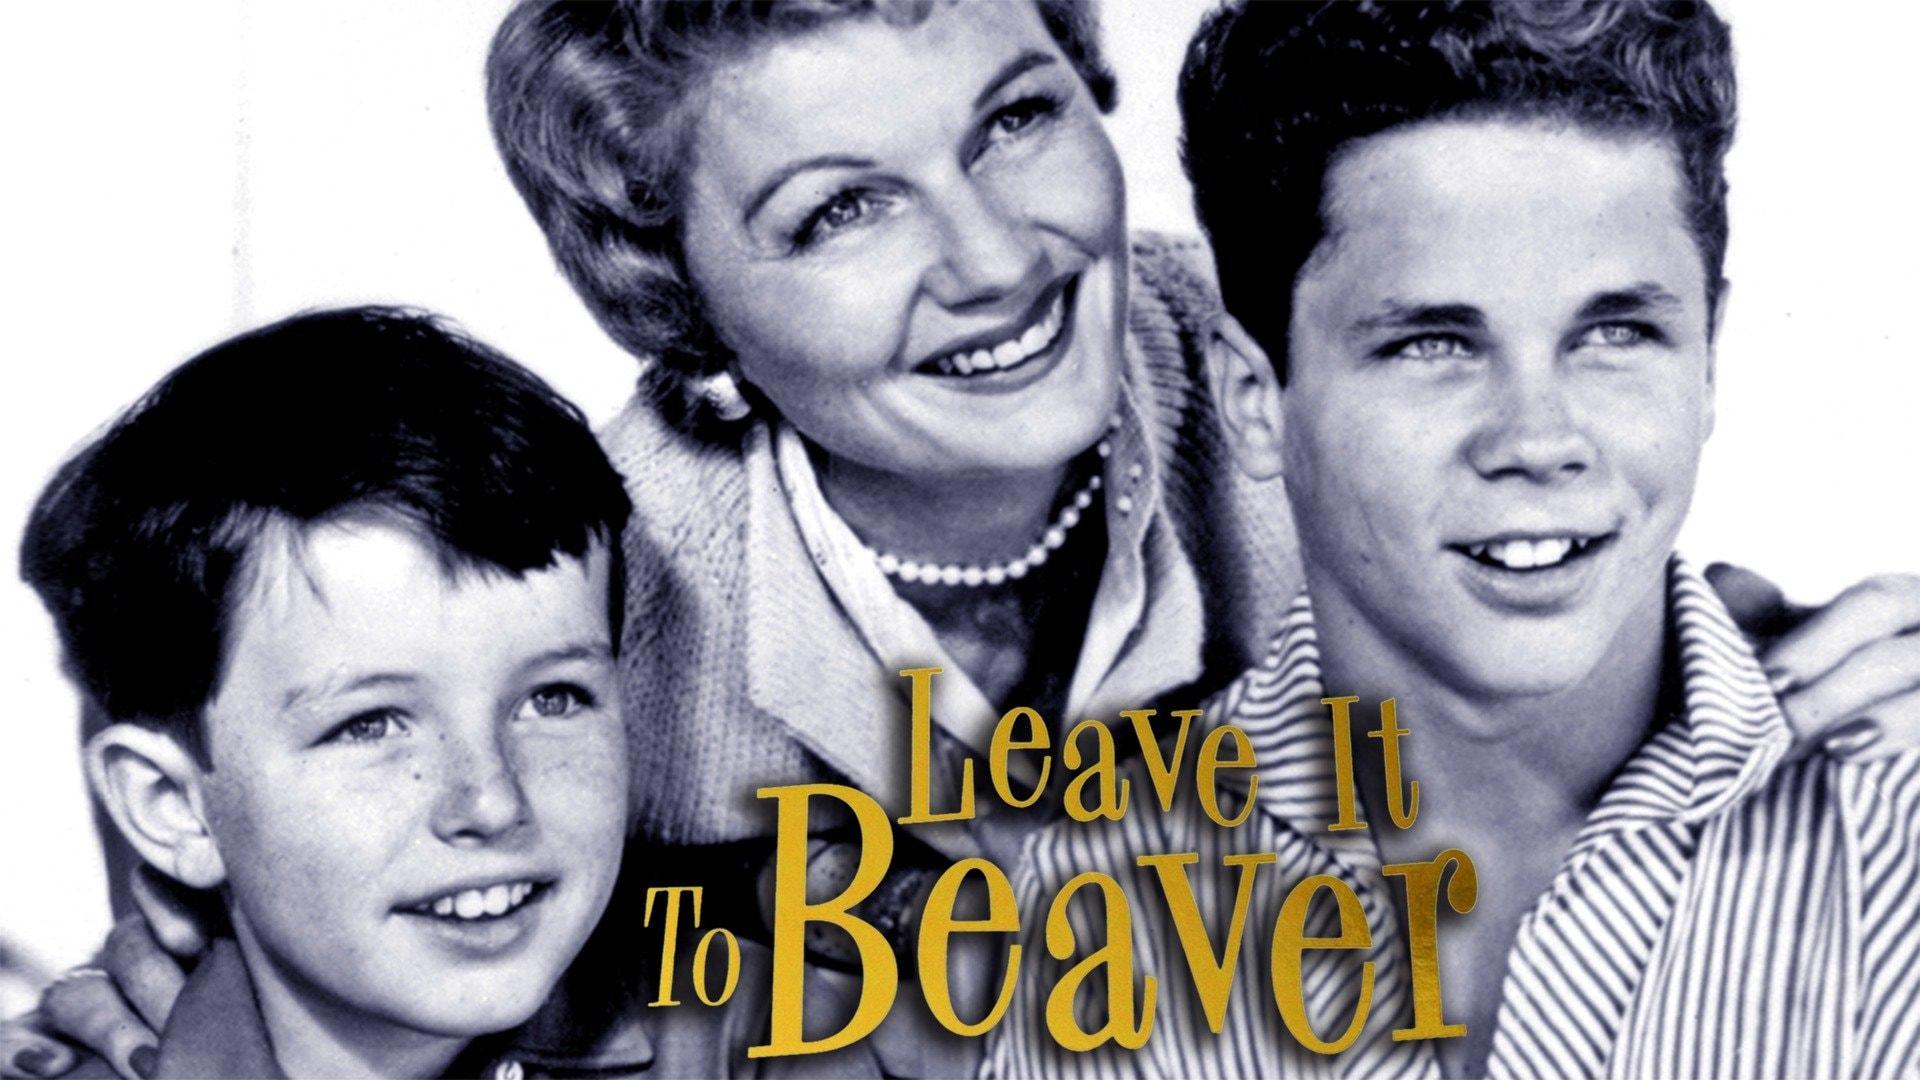 Beaver's Poster